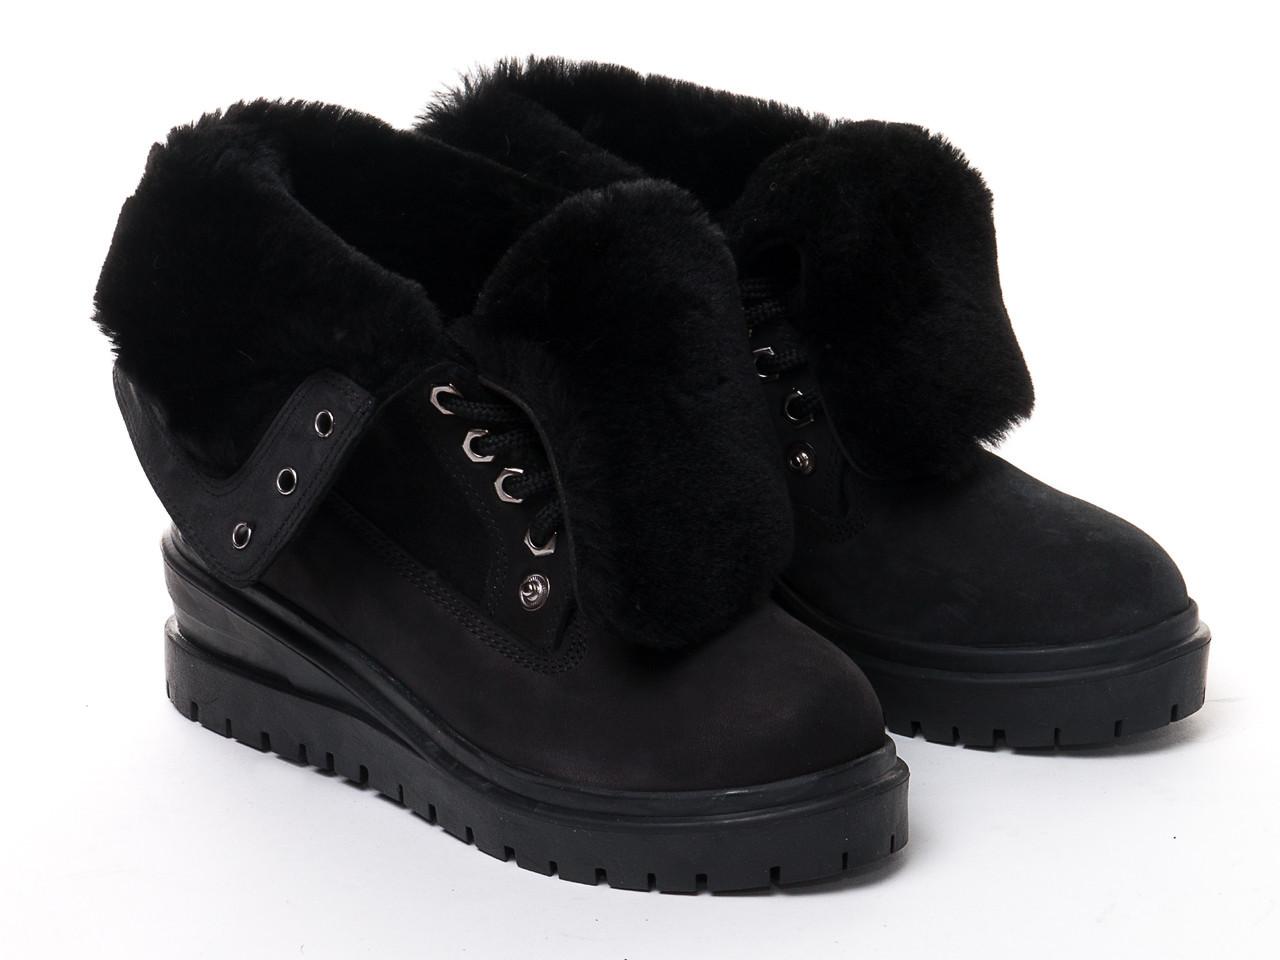 Ботинки Etor 3775-205 36 черные